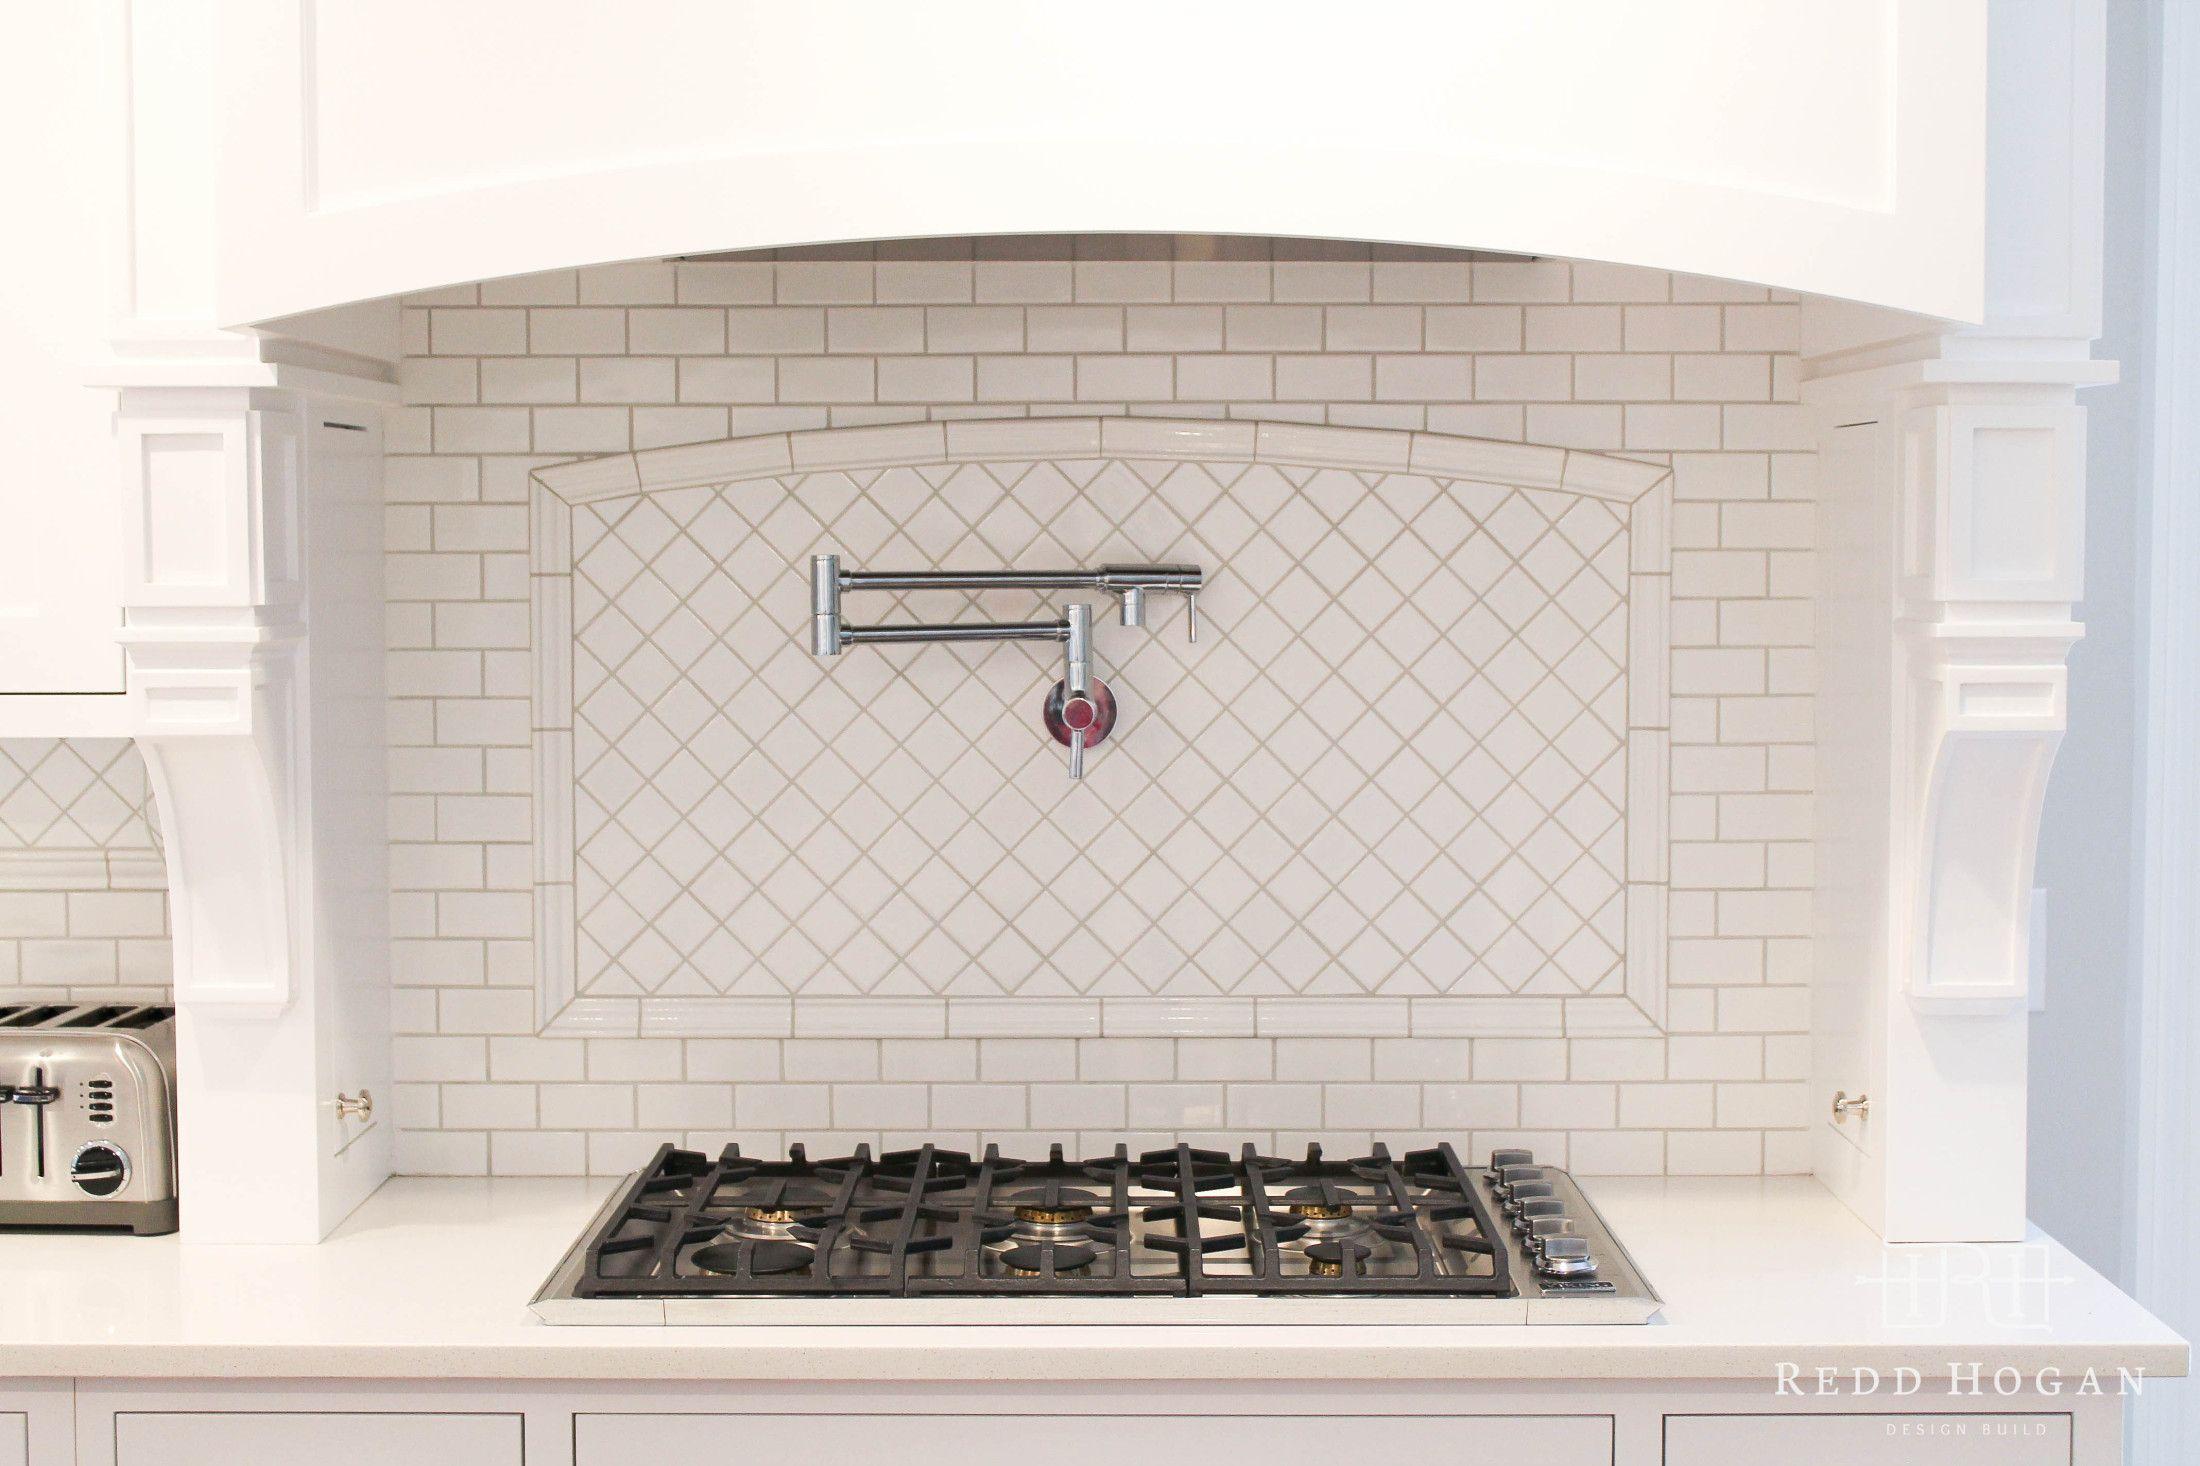 Kitchen Design Must Haves Redd Hogan Design Build Holladaymain Floor Remodel Tile